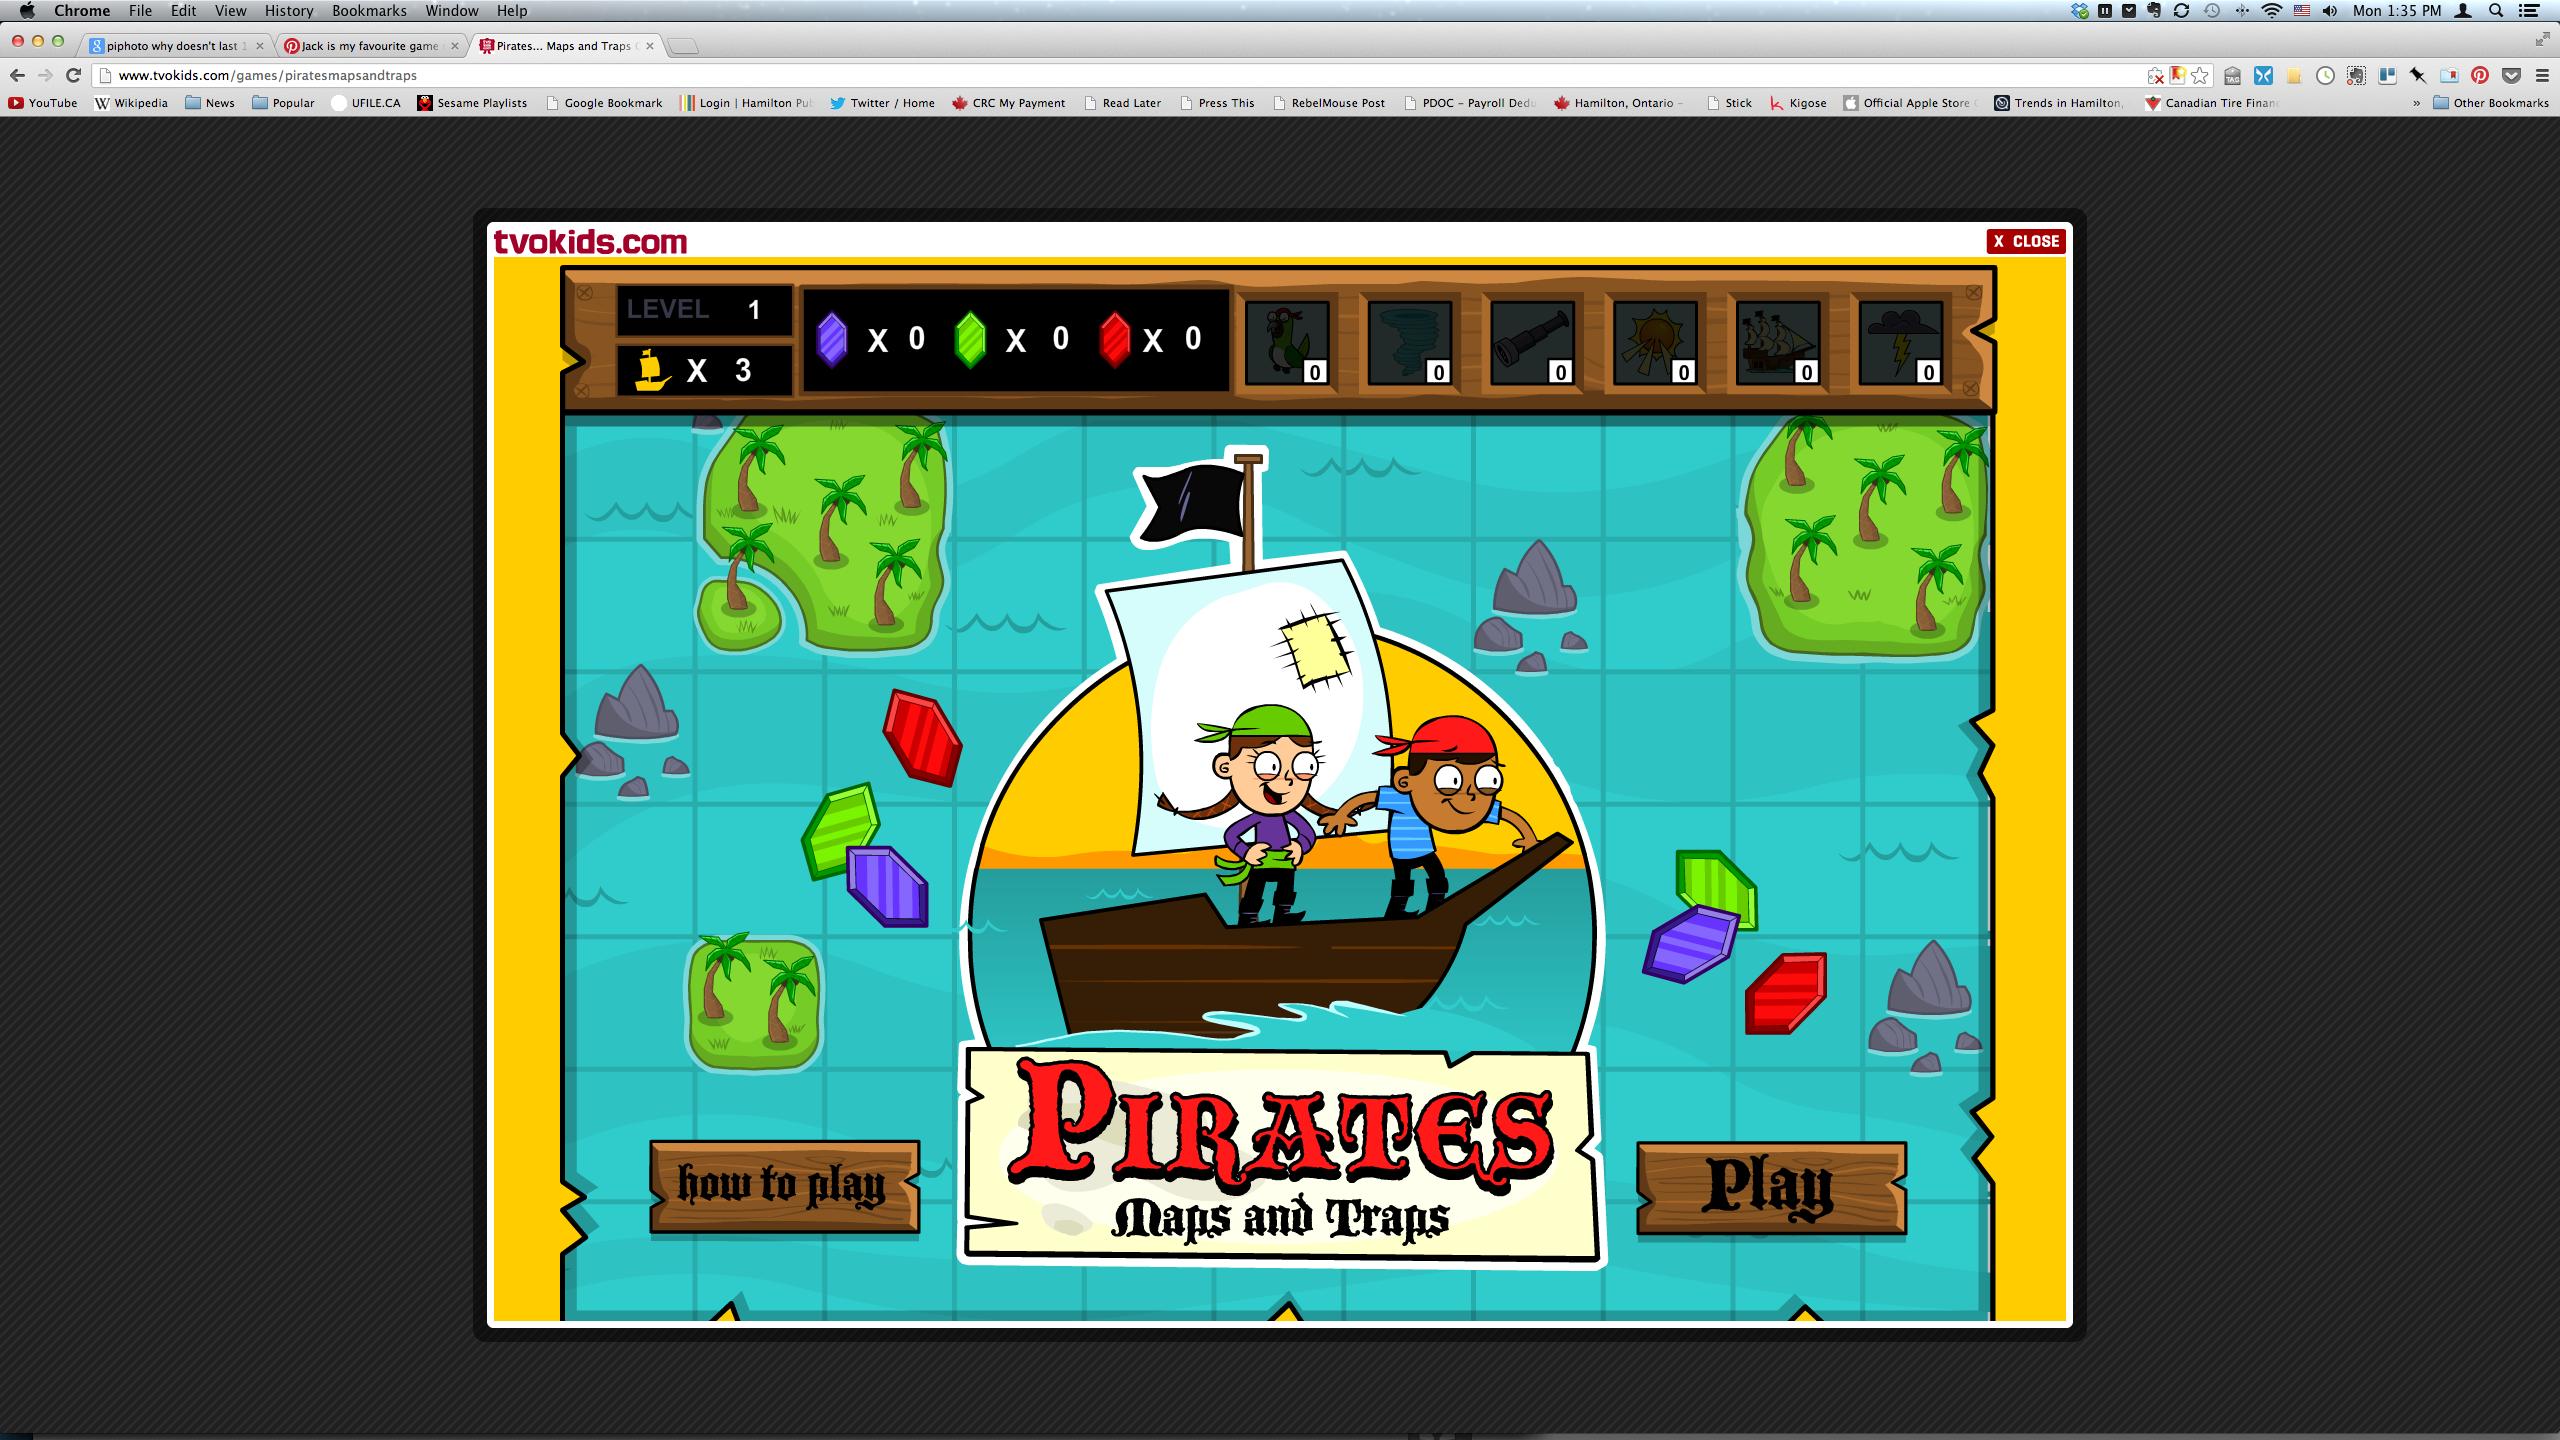 Pirates game I like this game too